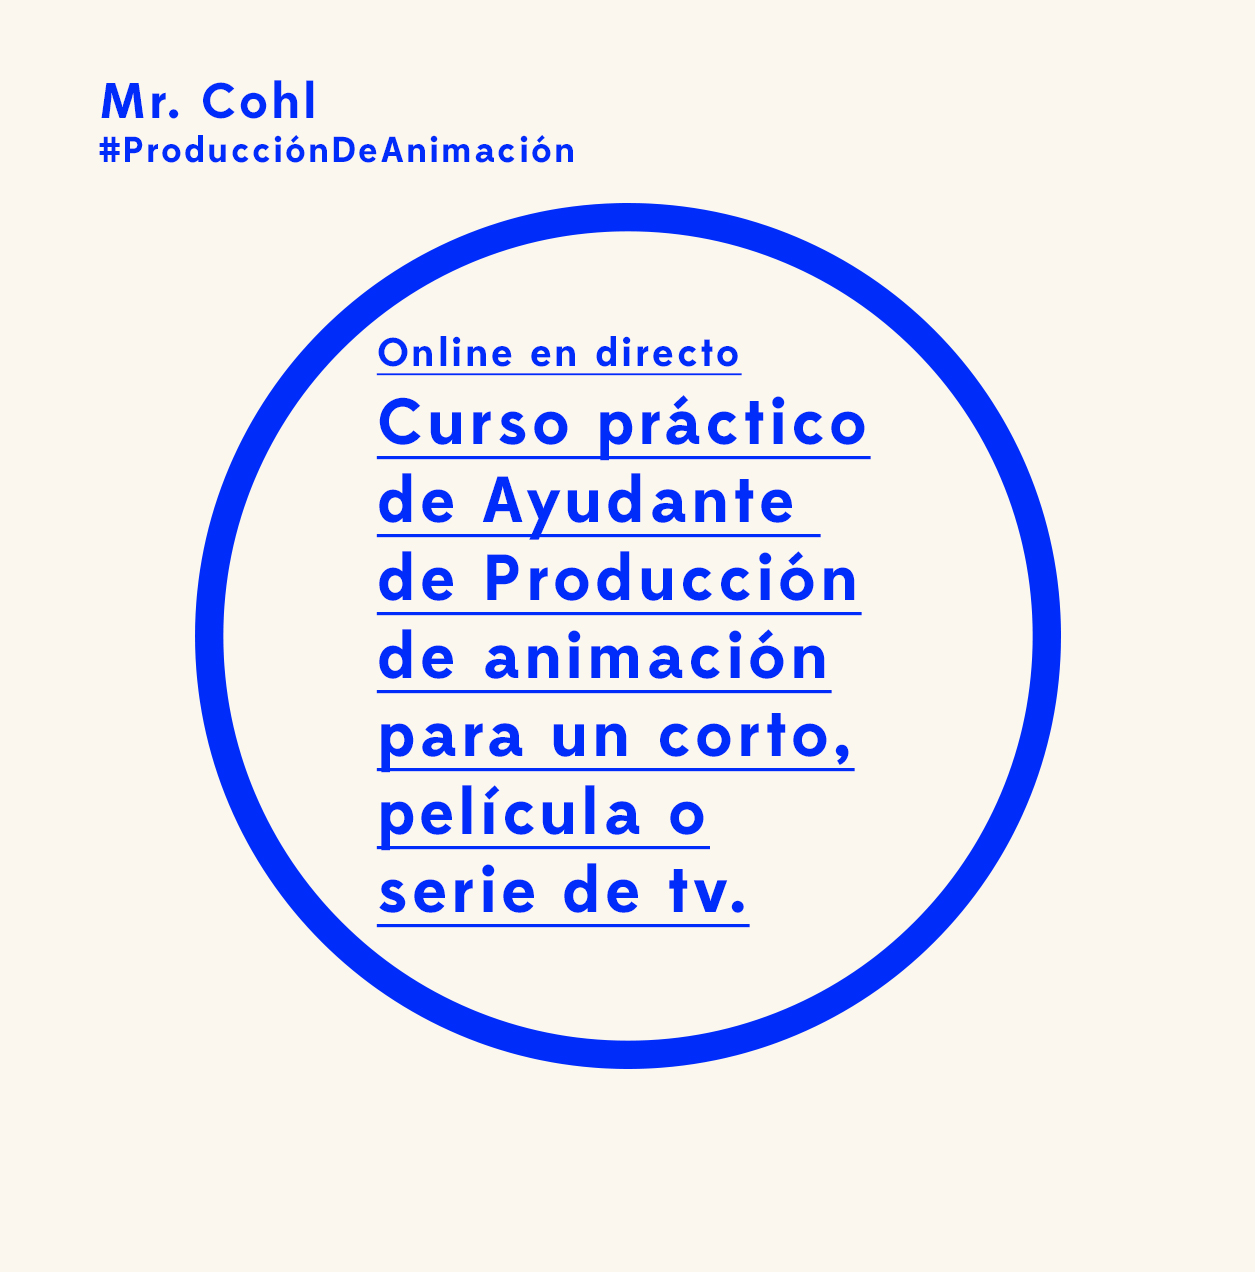 Curso práctico de Asistentede Producción de animaciónpara un corto, película o serie de tv